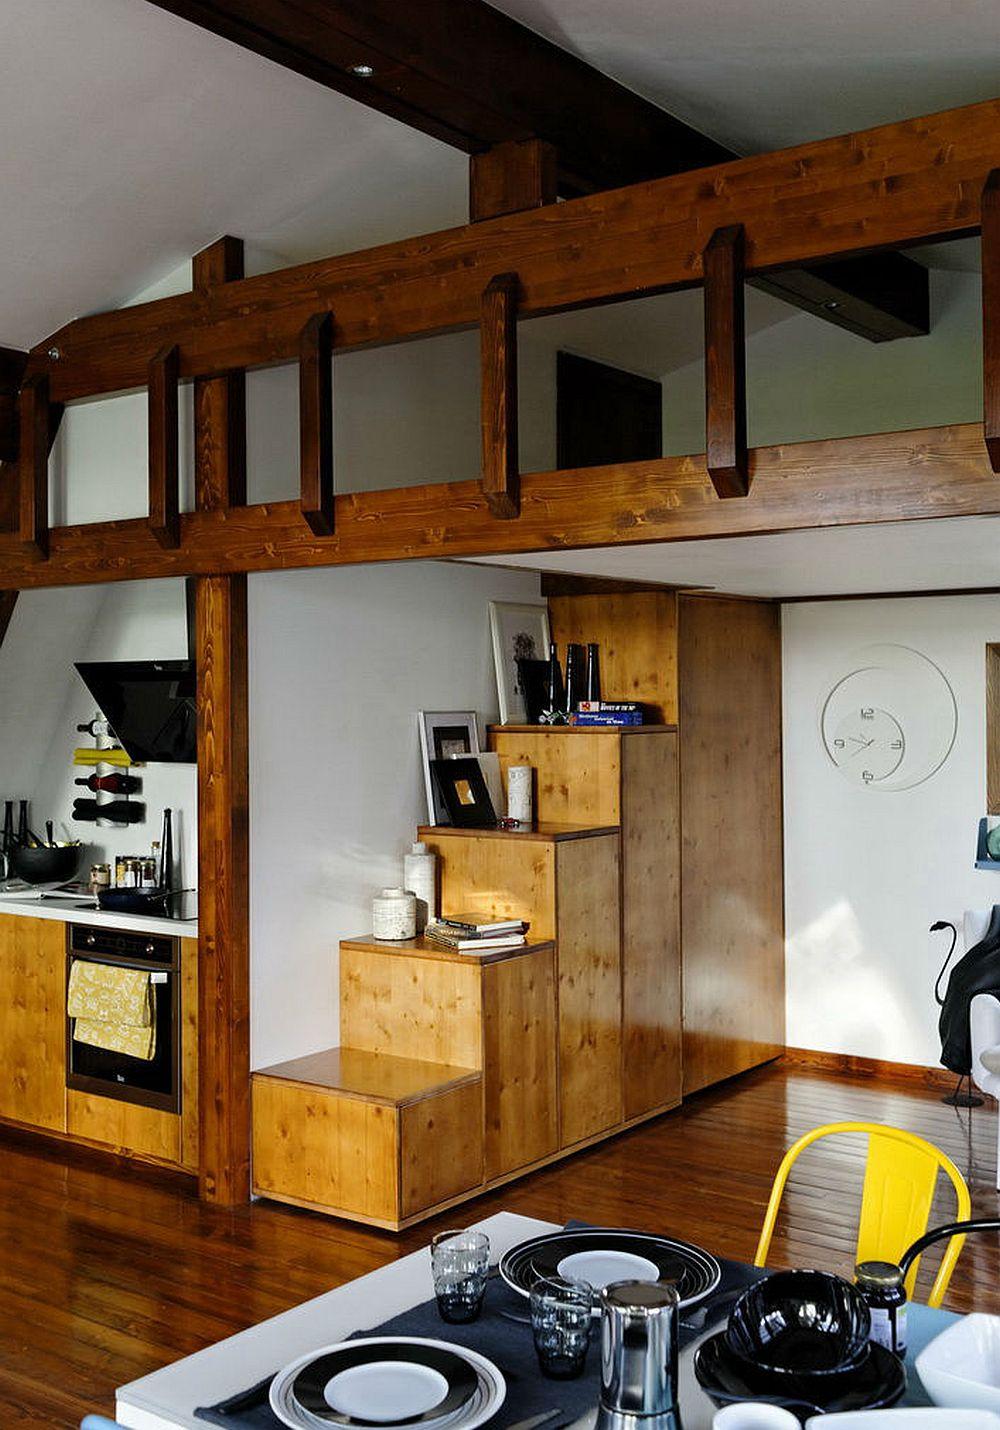 adelaparvu.com despre Casa Soleta (7)